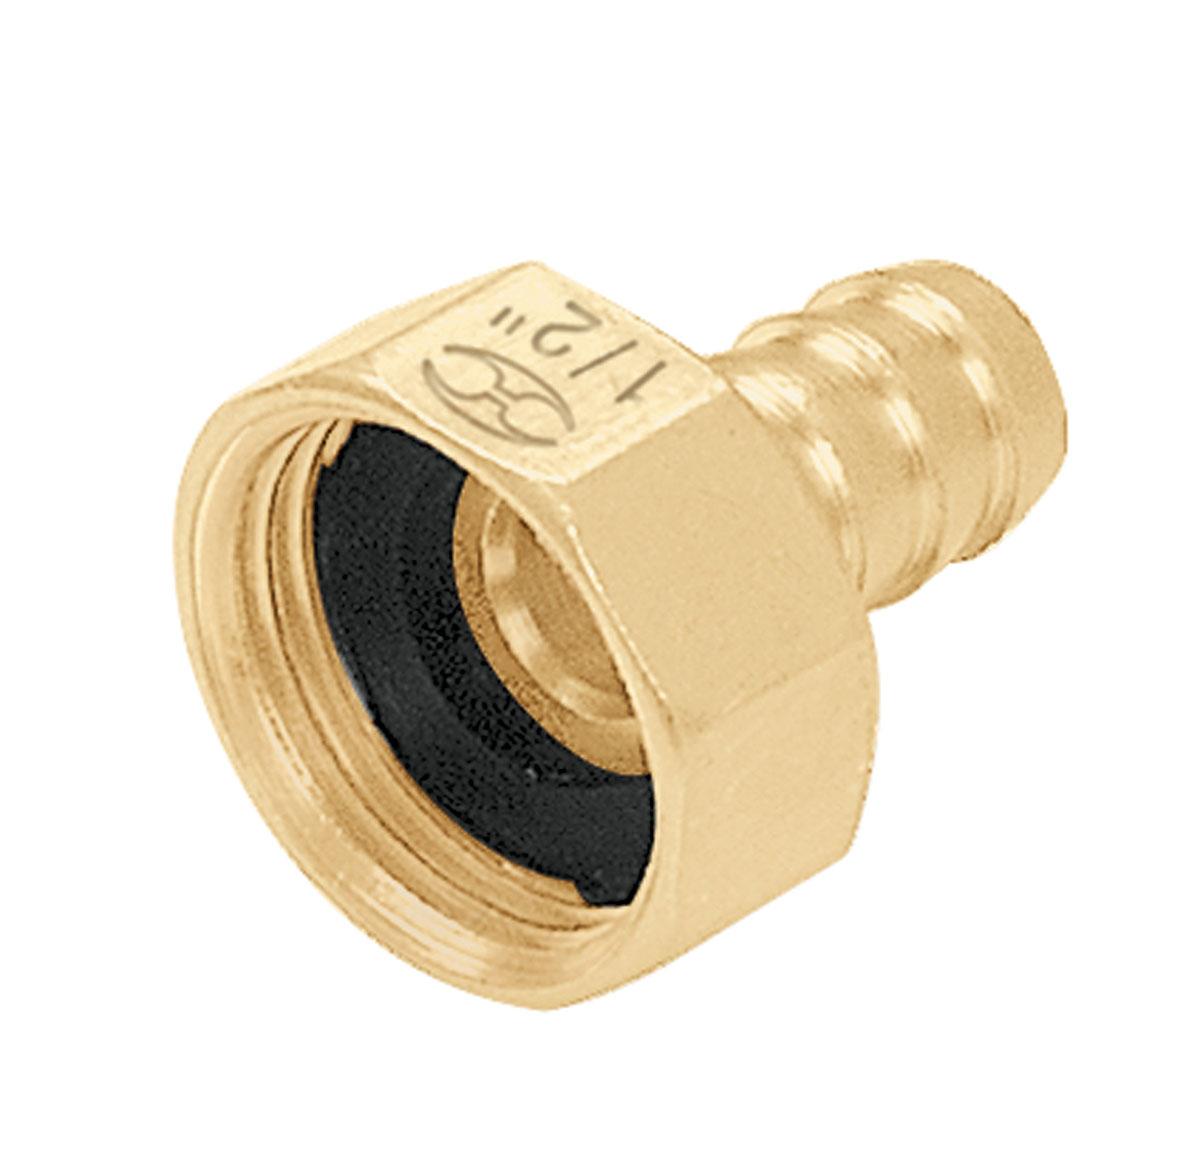 Коннектор для шланга Truper, латунный, мама, 1/2106-026Шланговый коннектор Truper, выполненный из латуни, предназначен для быстрого и многократного присоединения и отсоединения шланга к насадкам или крану. Тип соединения мама.